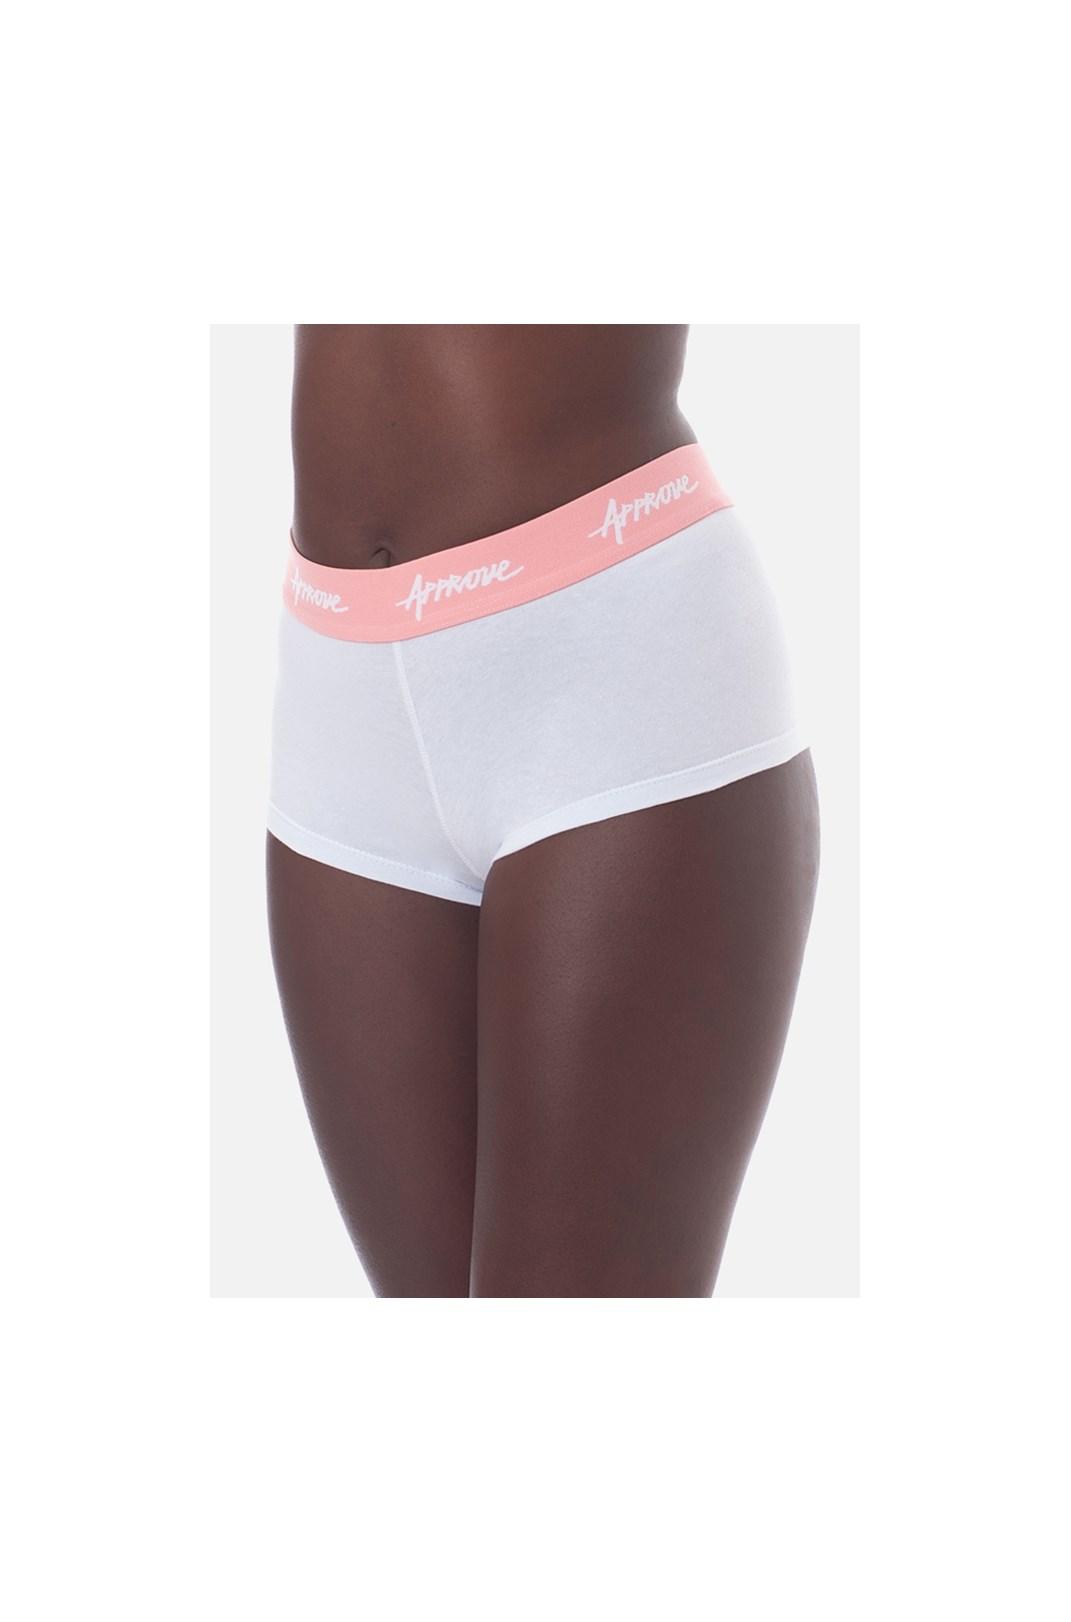 Shorts Underwear Approve Branco Com Rosa